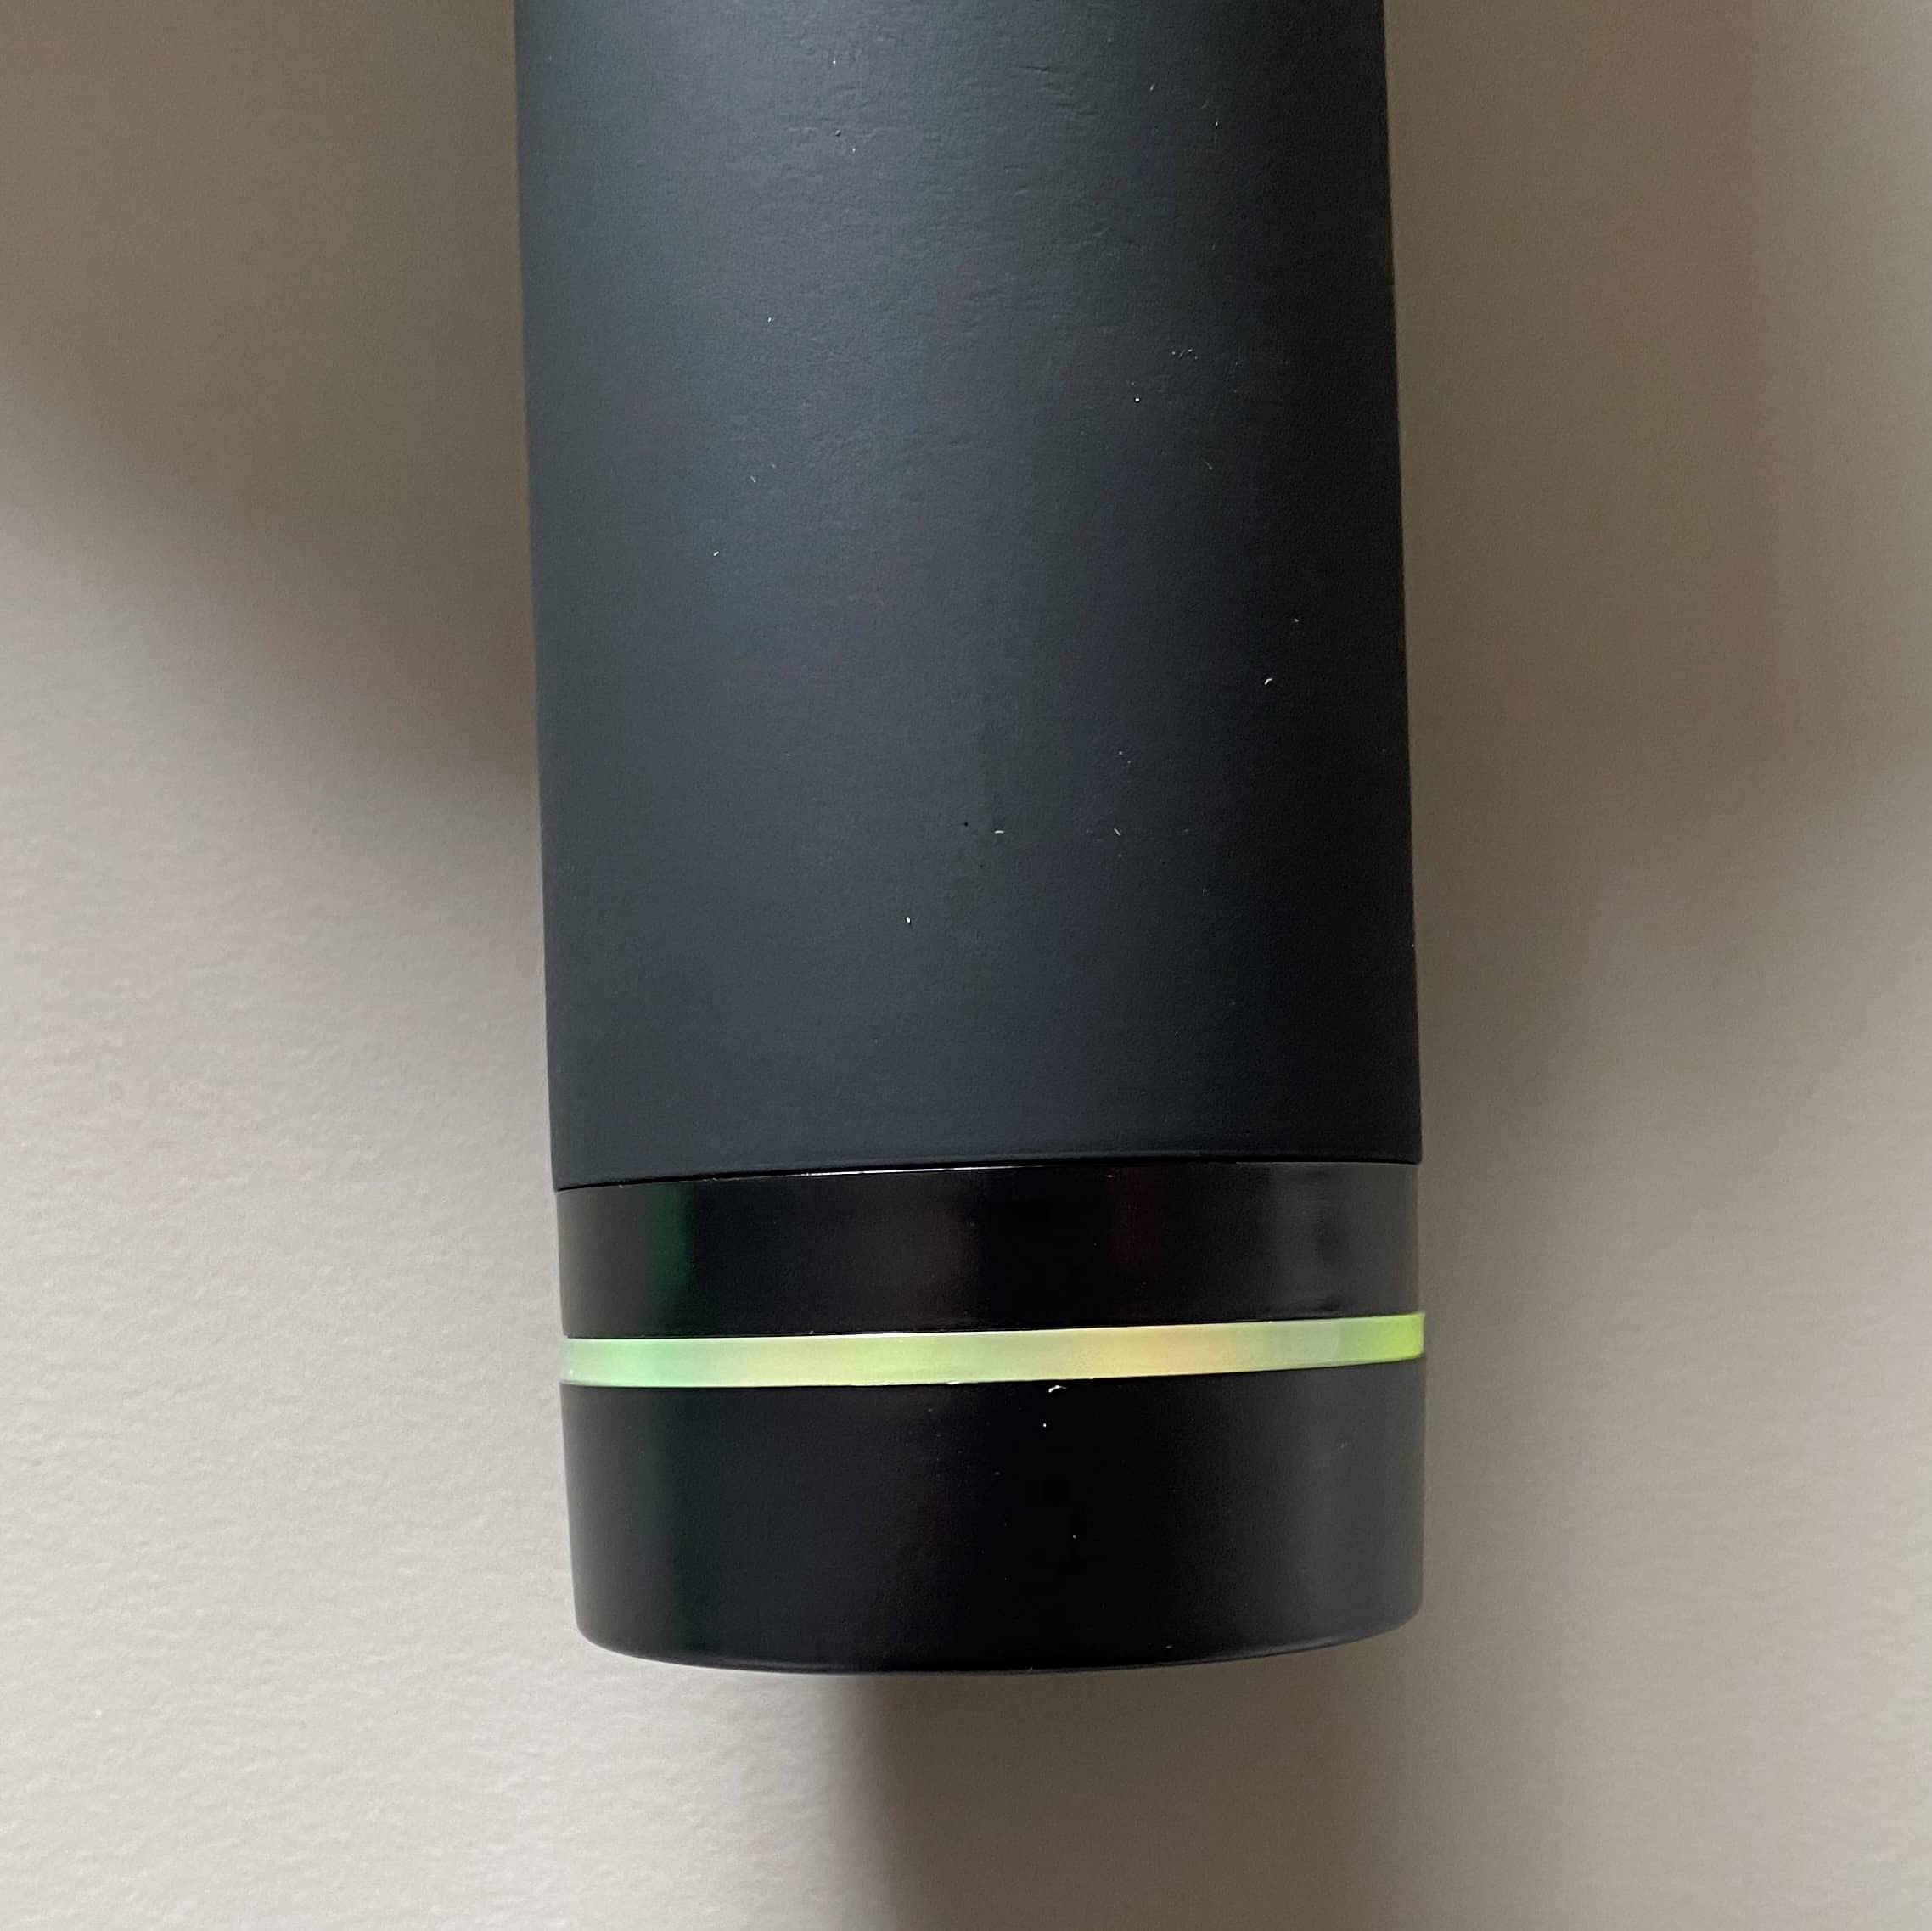 Hypervolt LED